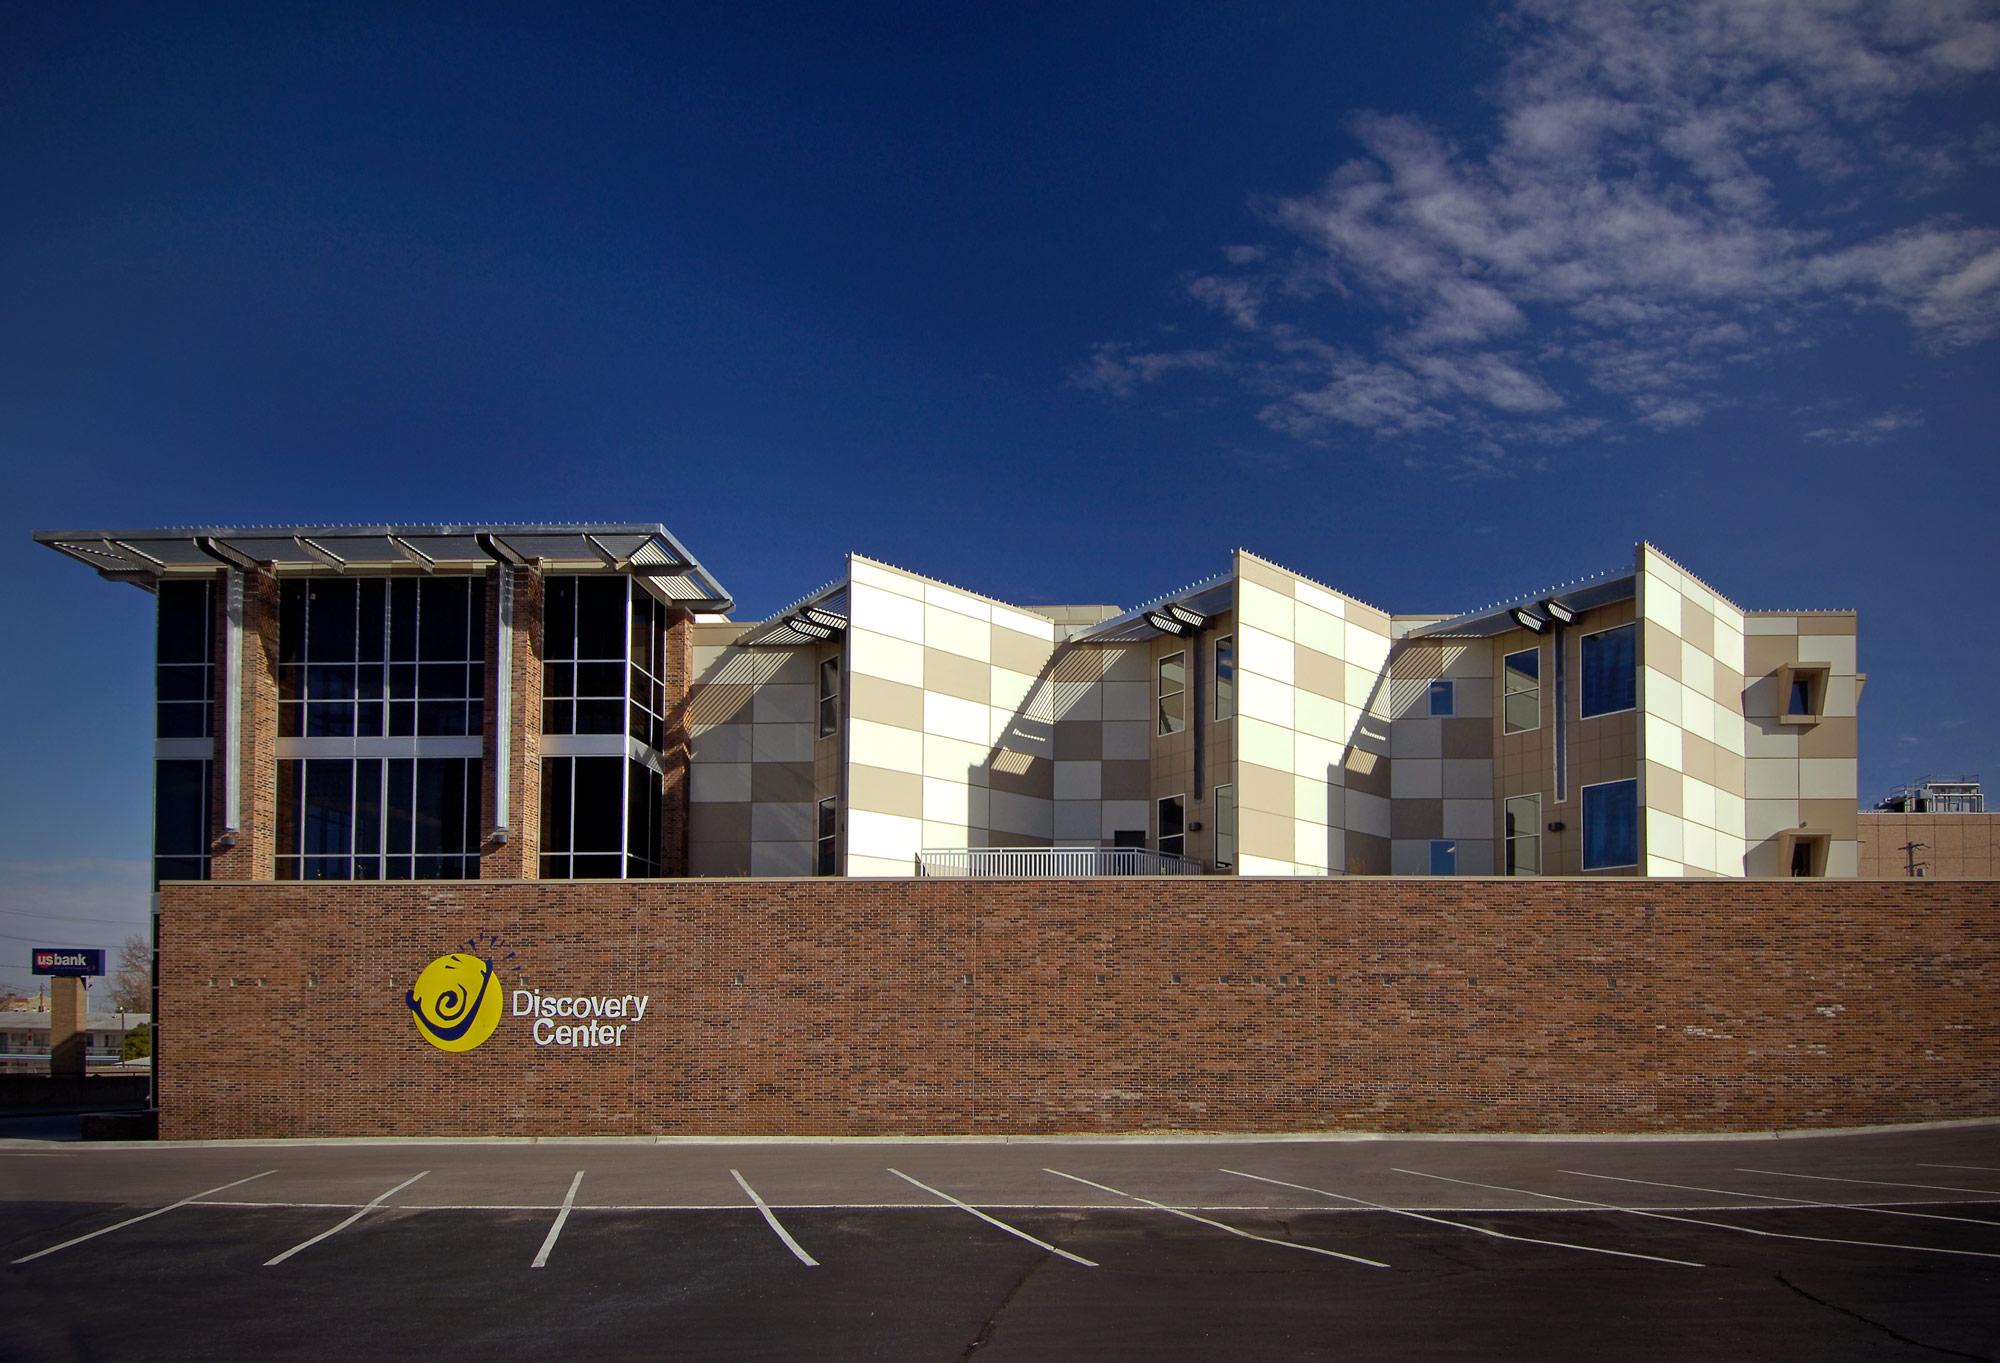 Discovery-Center-H-Design-Exterior-01.jpg